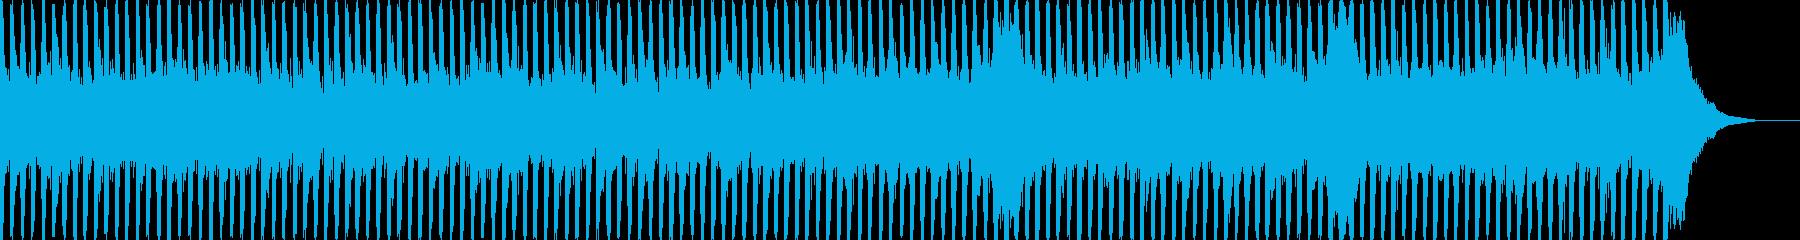 企業VP向け19、爽やかポップ4つ打ちbの再生済みの波形